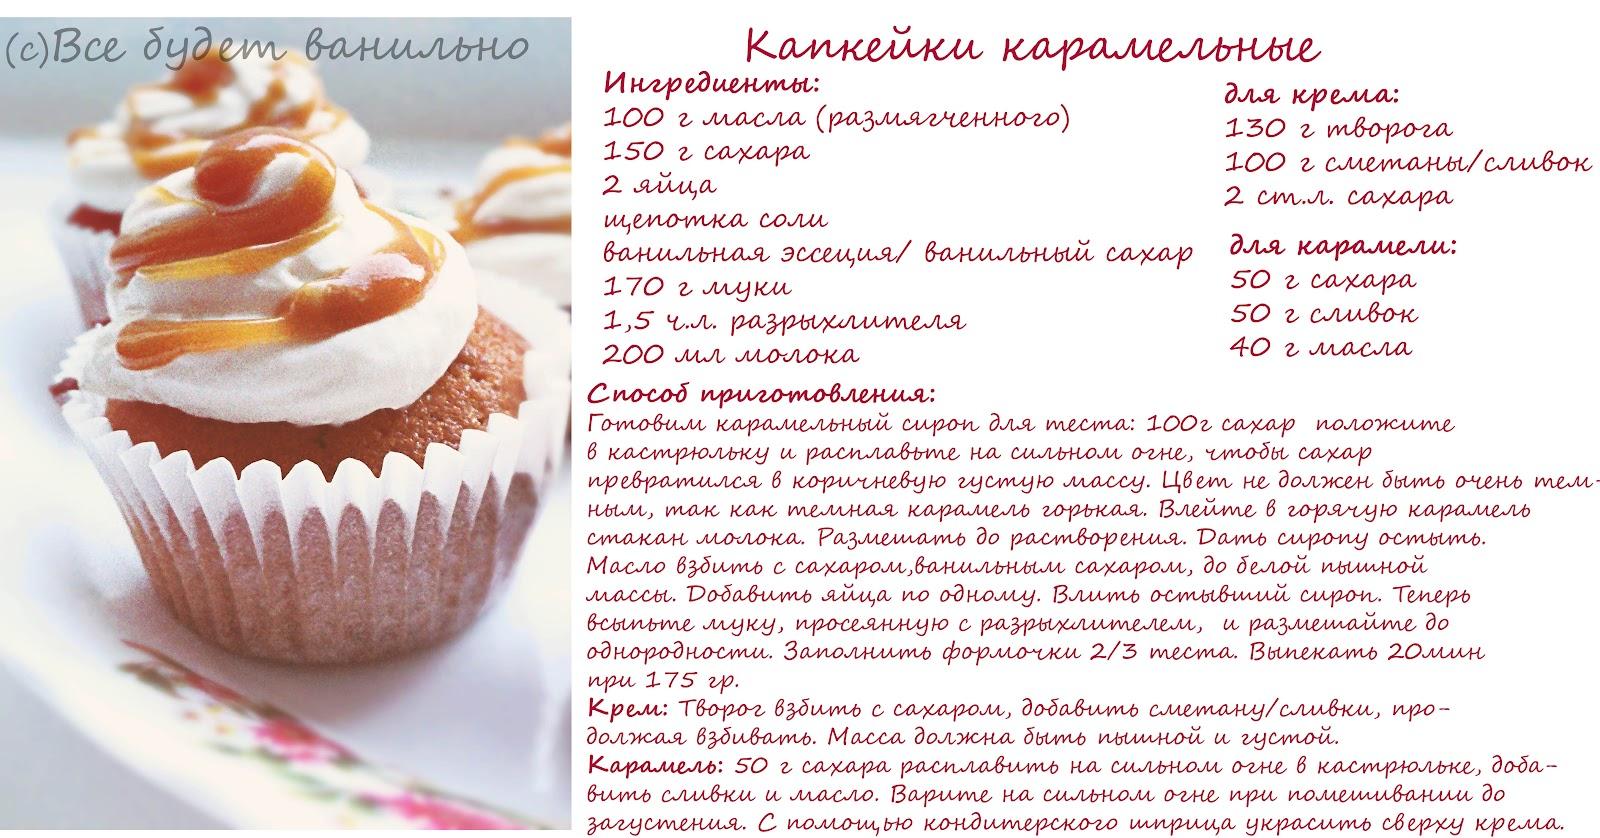 Пирожные рецепты в домашних условиях пошагово